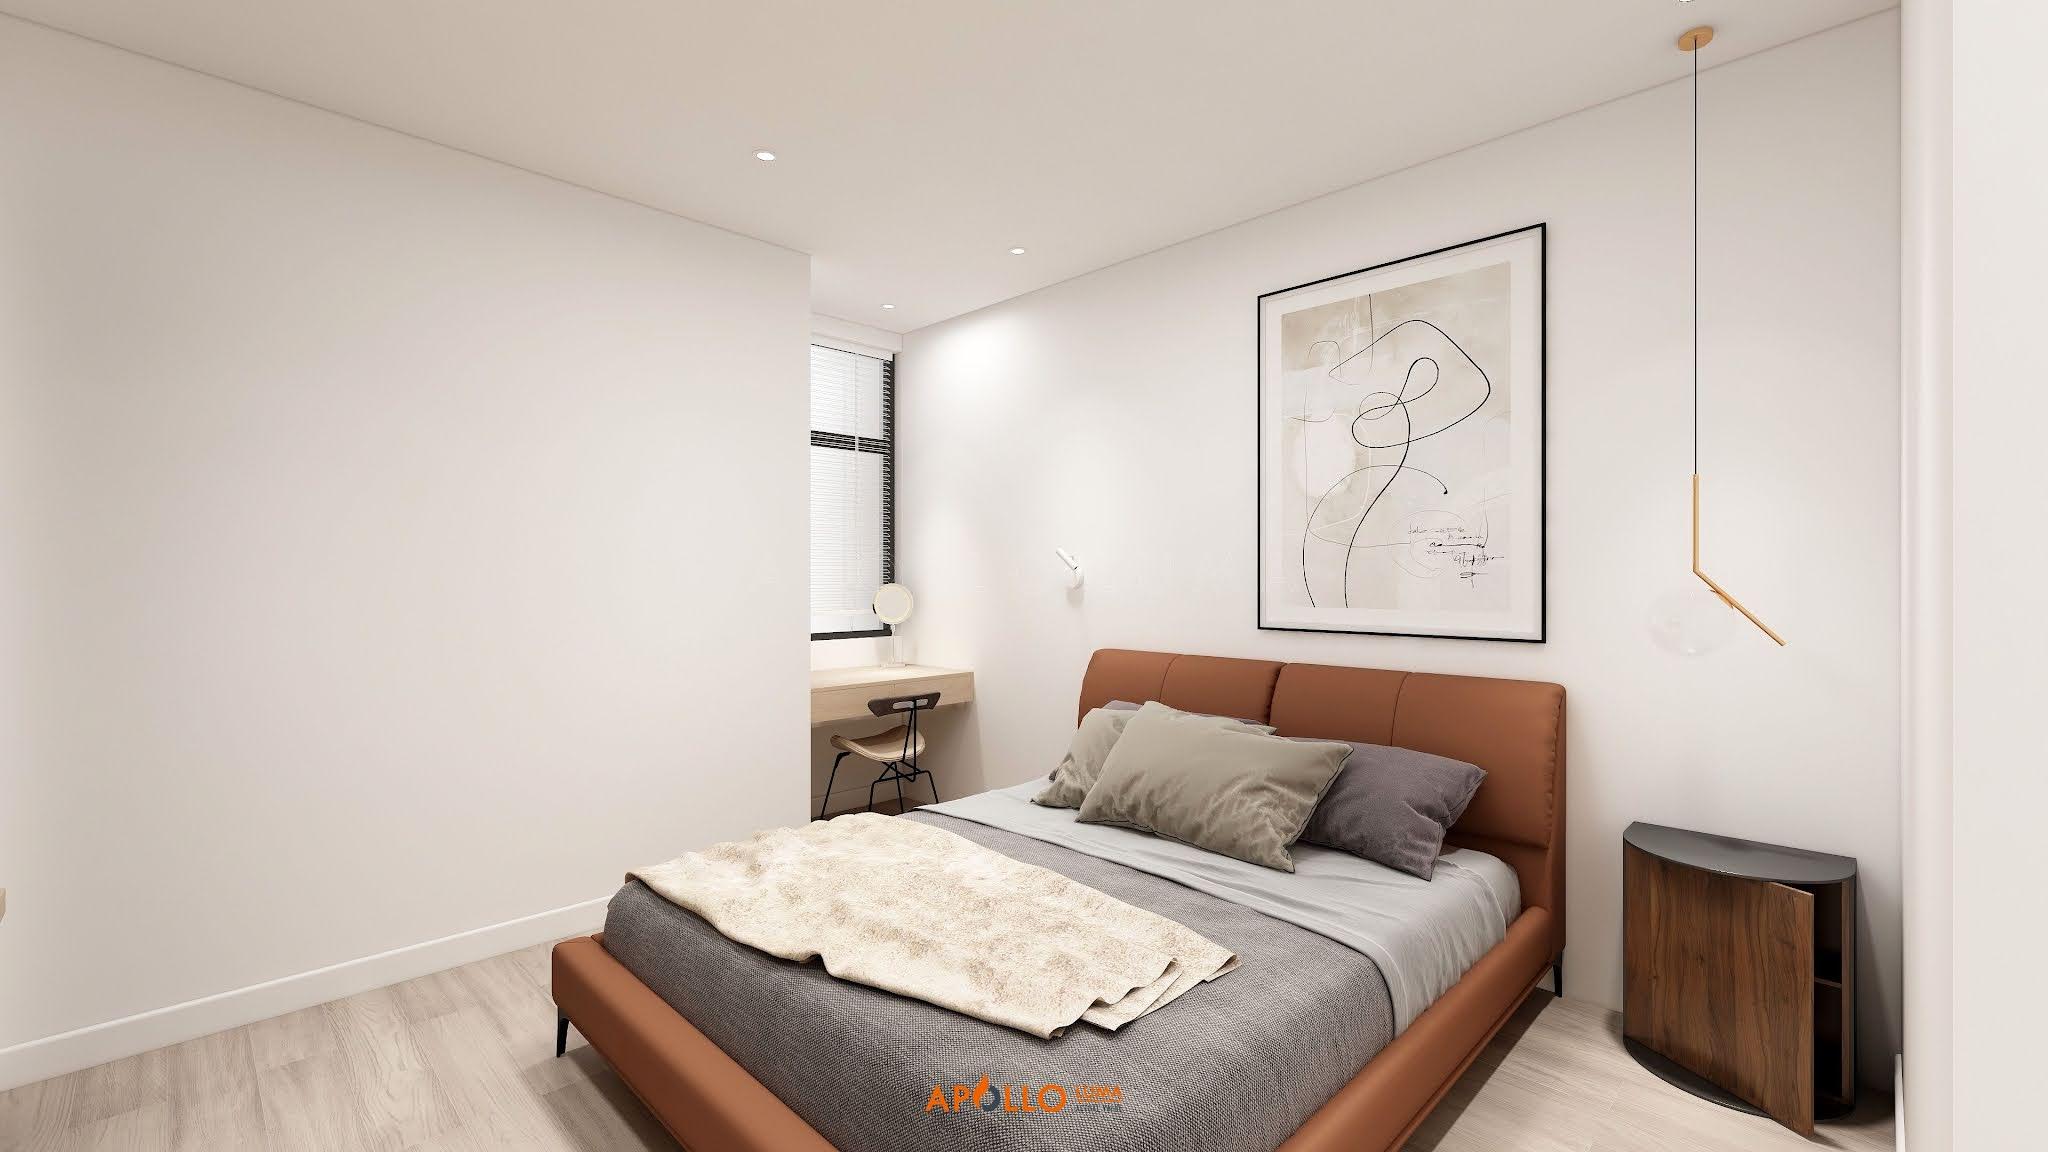 Thiết kế nội thất căn hộ 2 phòng ngủ (79.2m2) Phương Đông Green Park